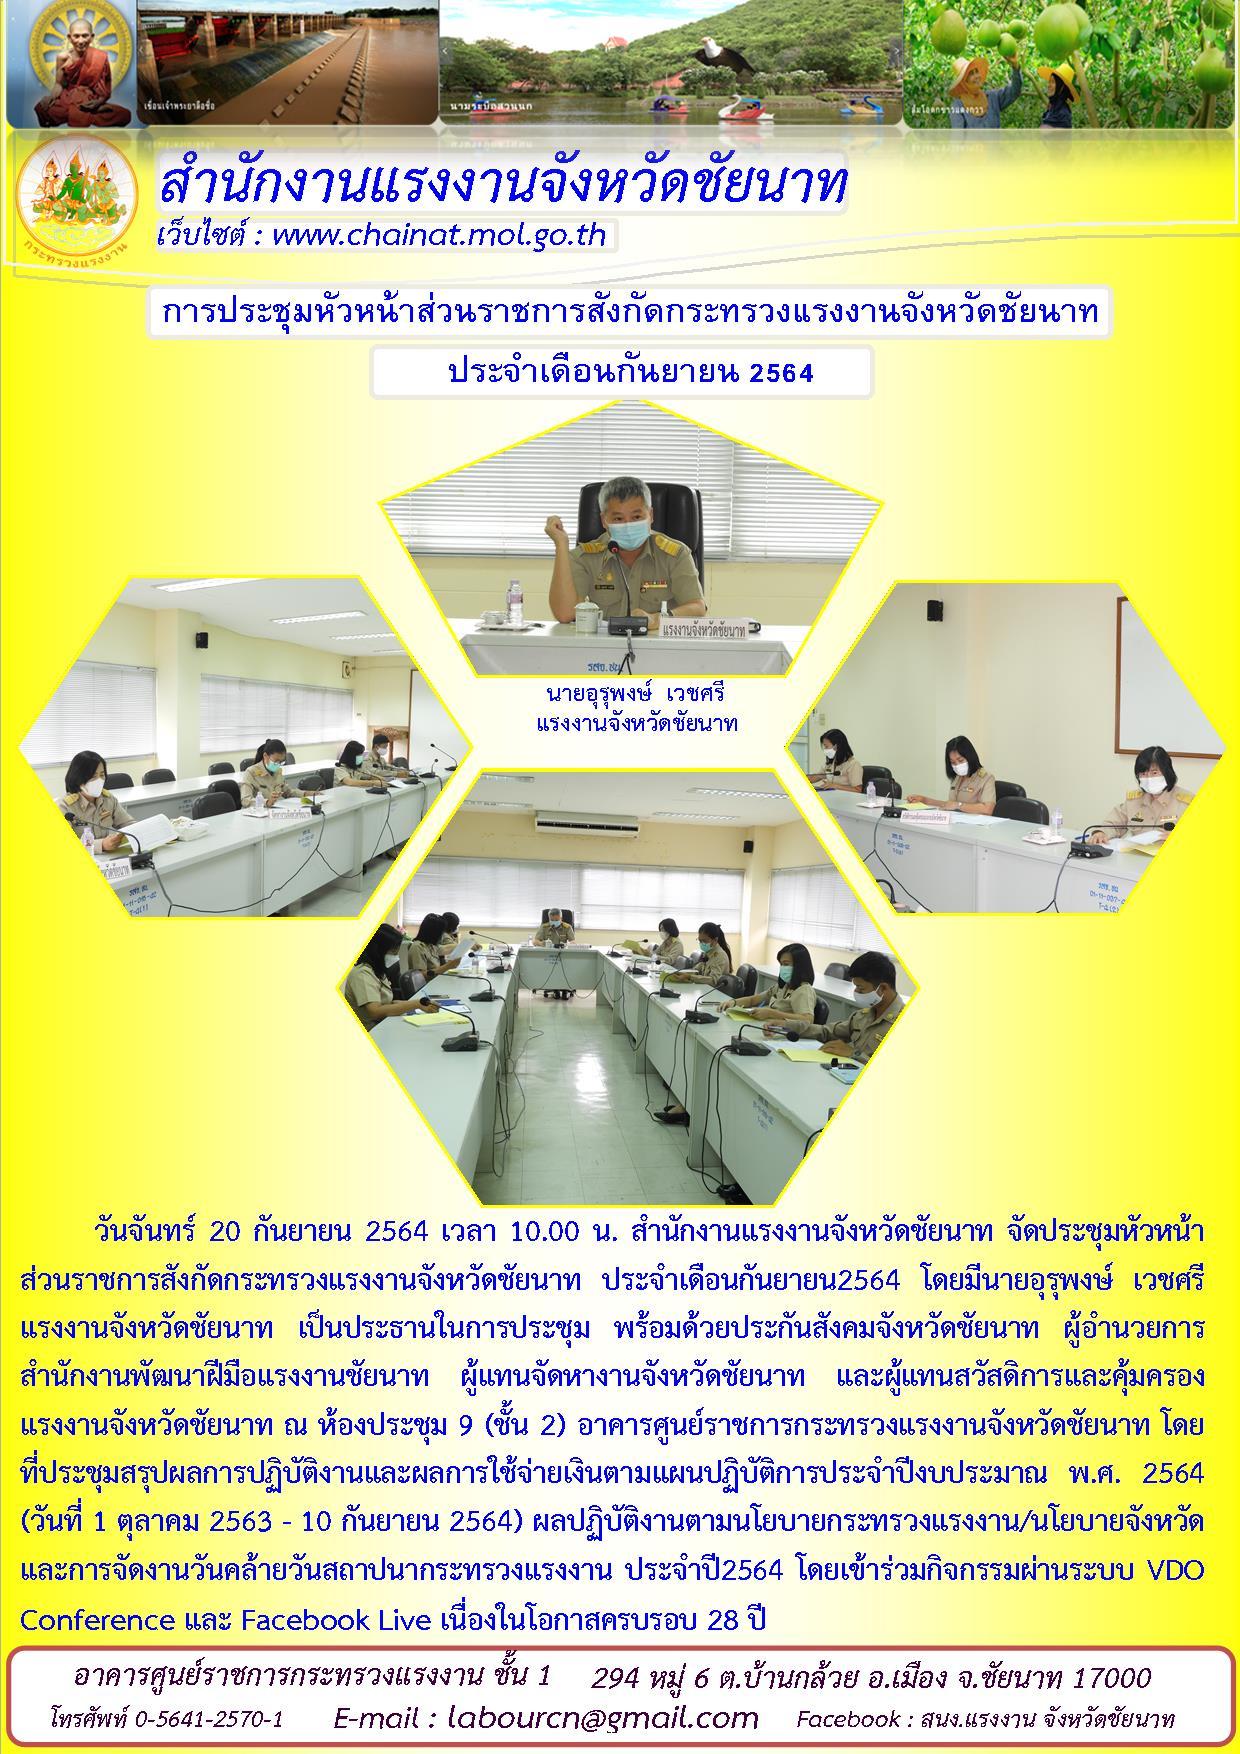 การประชุมหัวหน้าส่วนราชการสังกัดกระทรวงแรงงานจังหวัดชัยนาท ประจำเดือนกันยายน 2564